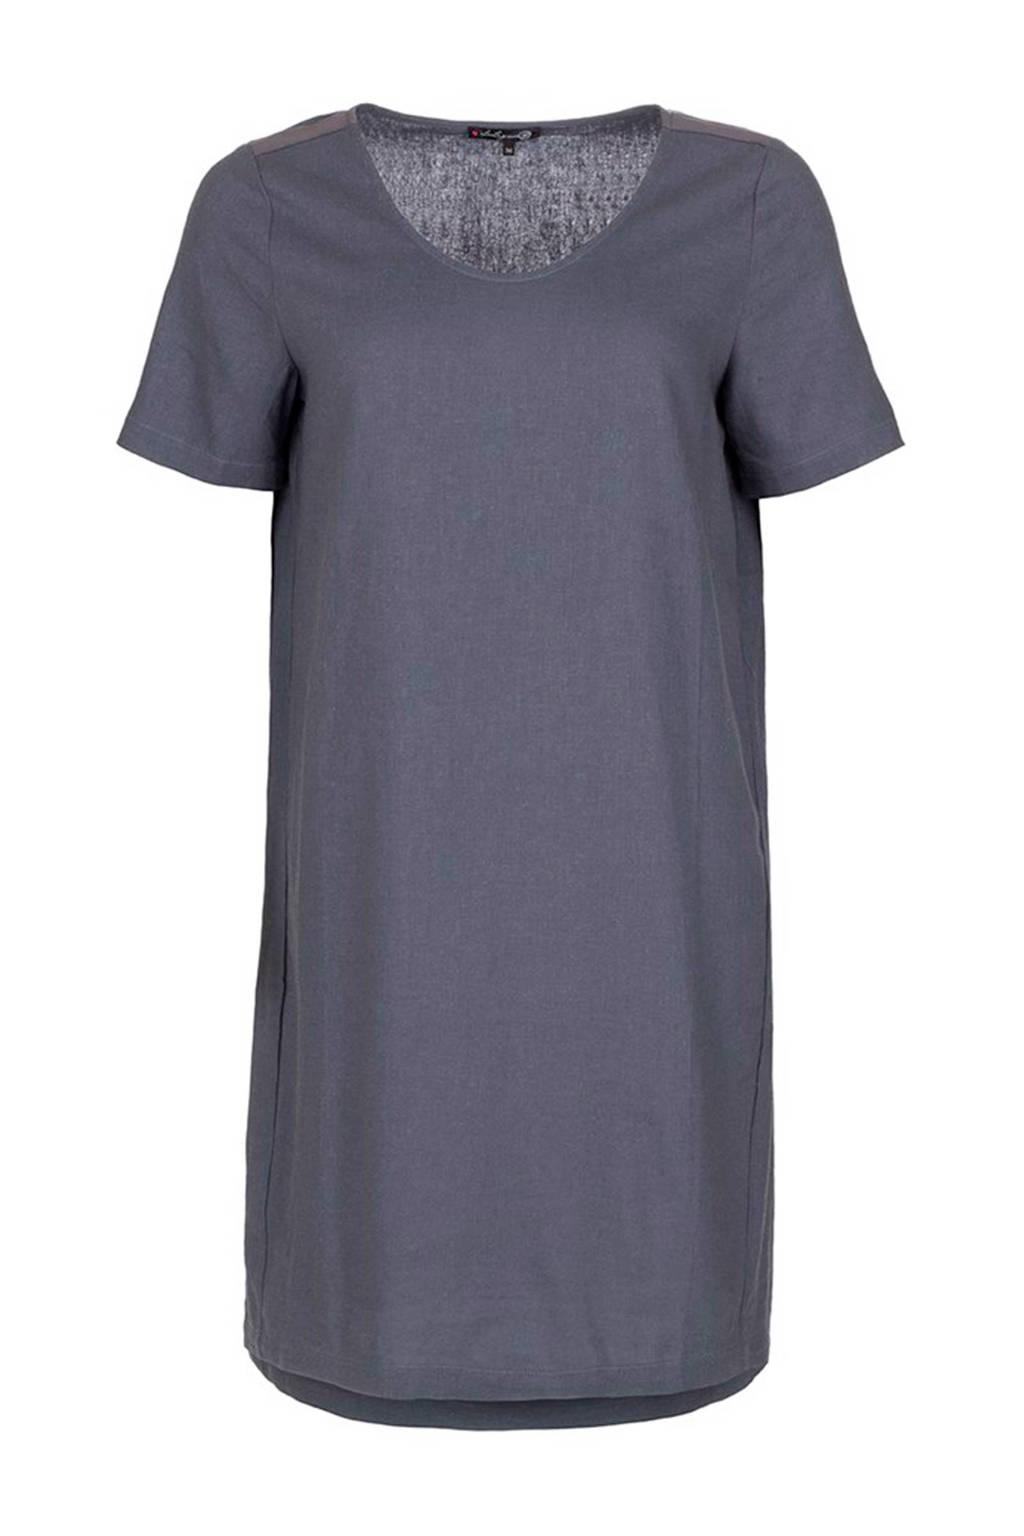 La Ligna jurk met linnen grijs, Grijs